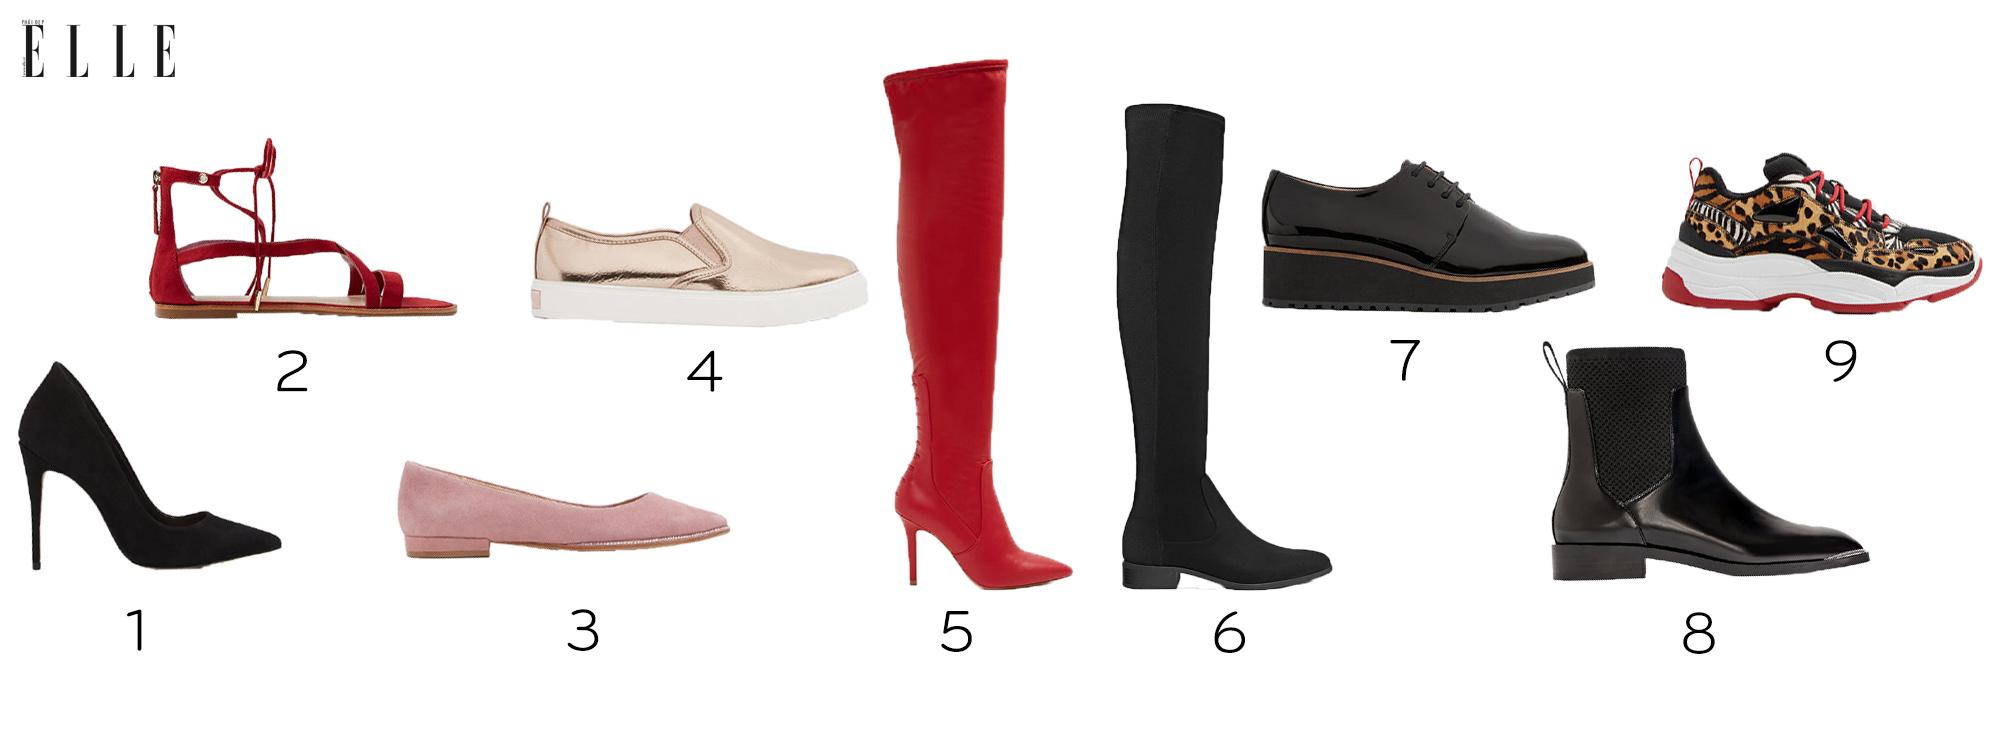 trắc nghiệm thời trang kiểu giày